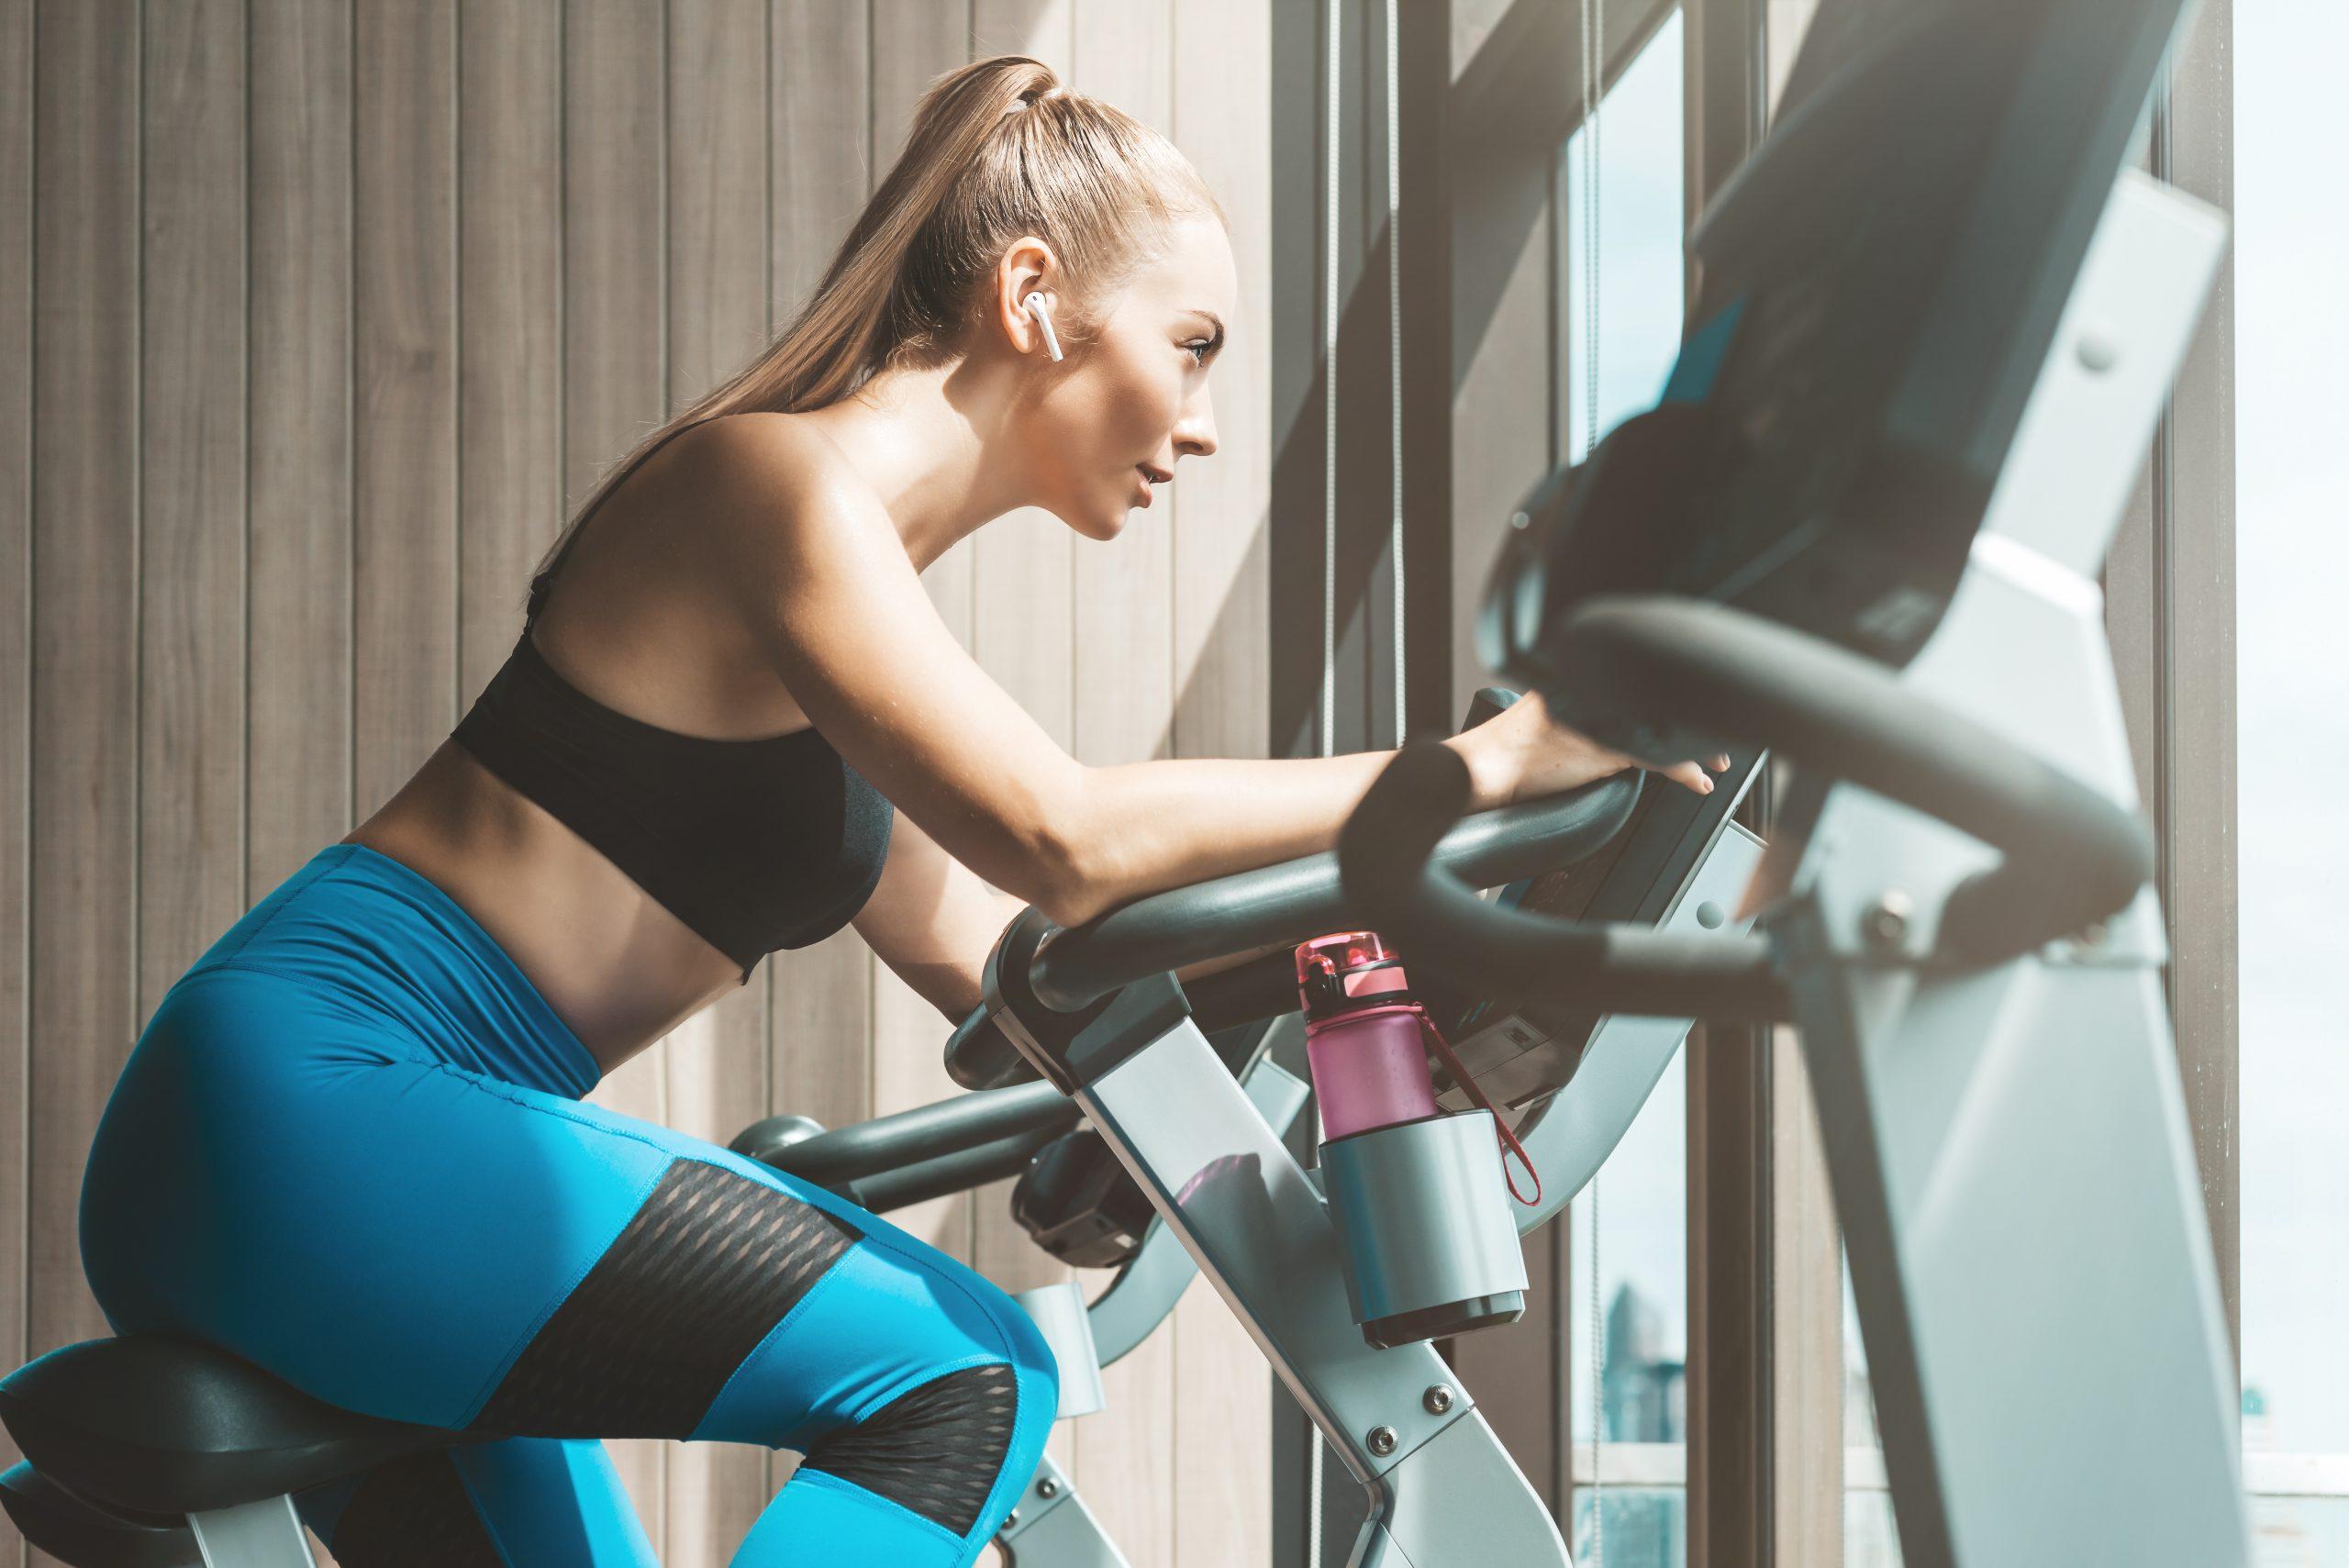 faire du vélo d'appartement tous les jours pour maigrir